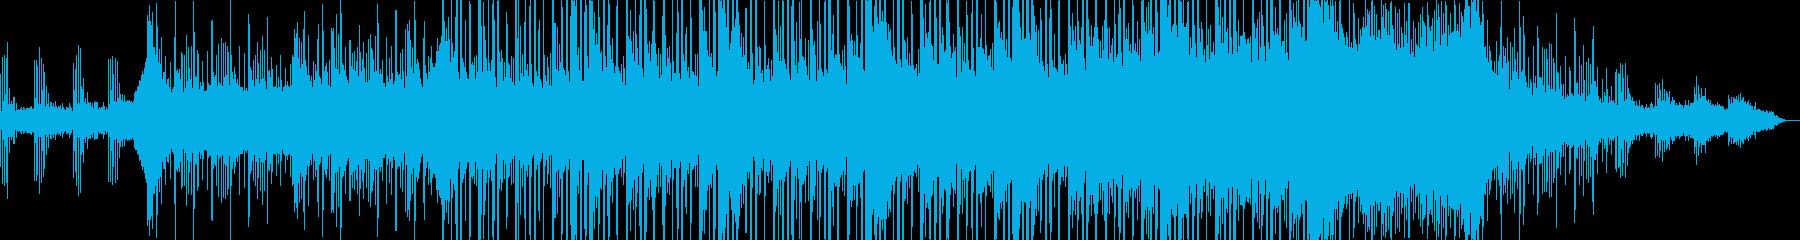 悲哀感のあるチルアウトサウンドの再生済みの波形